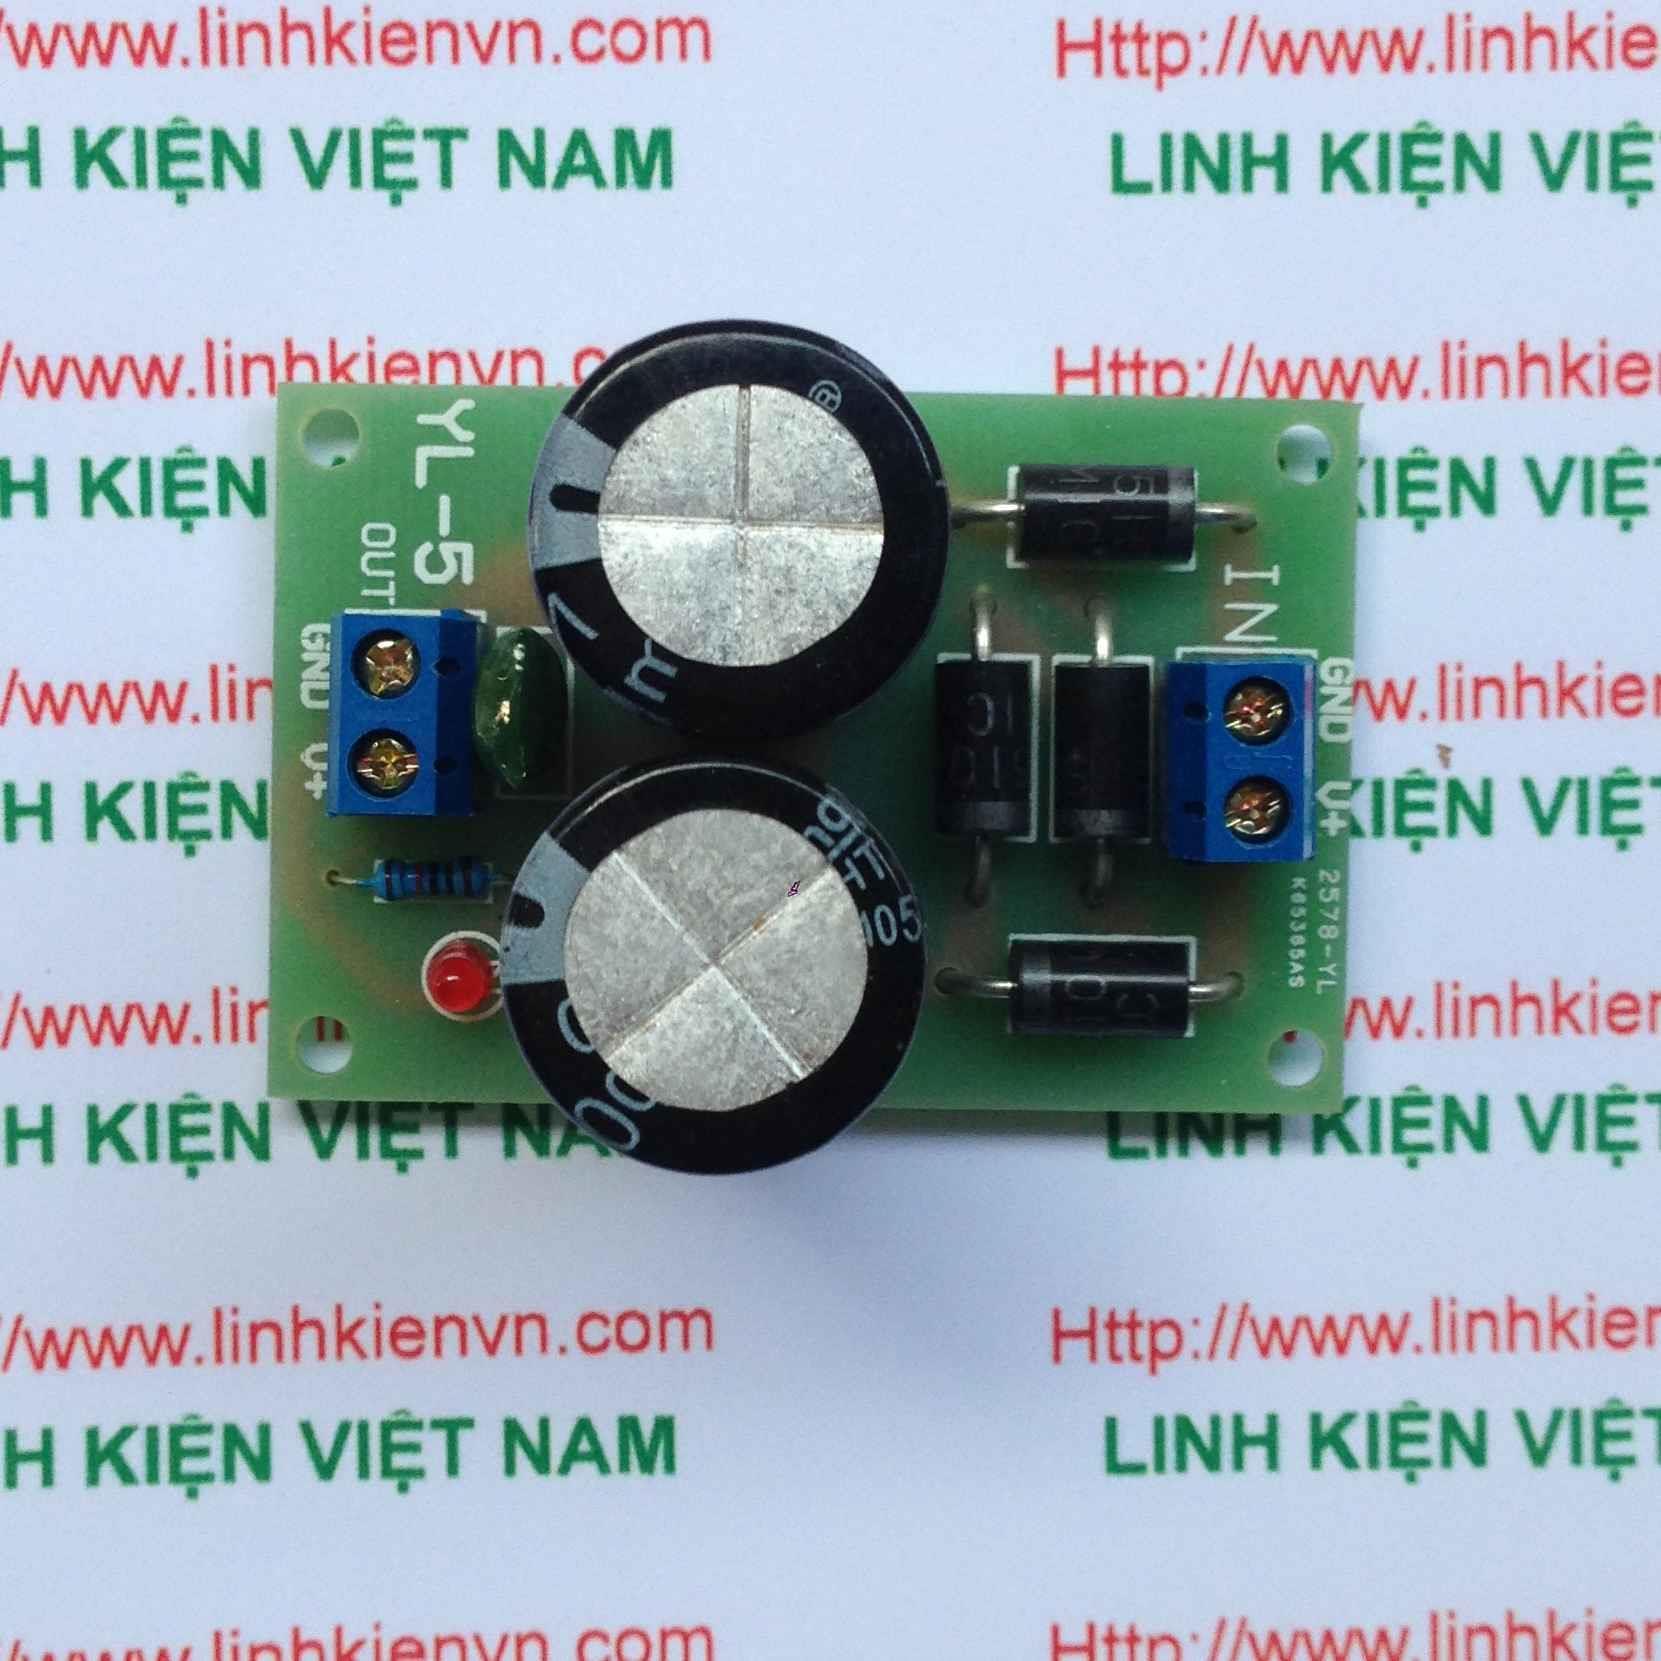 Module chỉnh lưu / Mạch chuyển đổi điện áp xoay chiều thành một chiều - G2H16